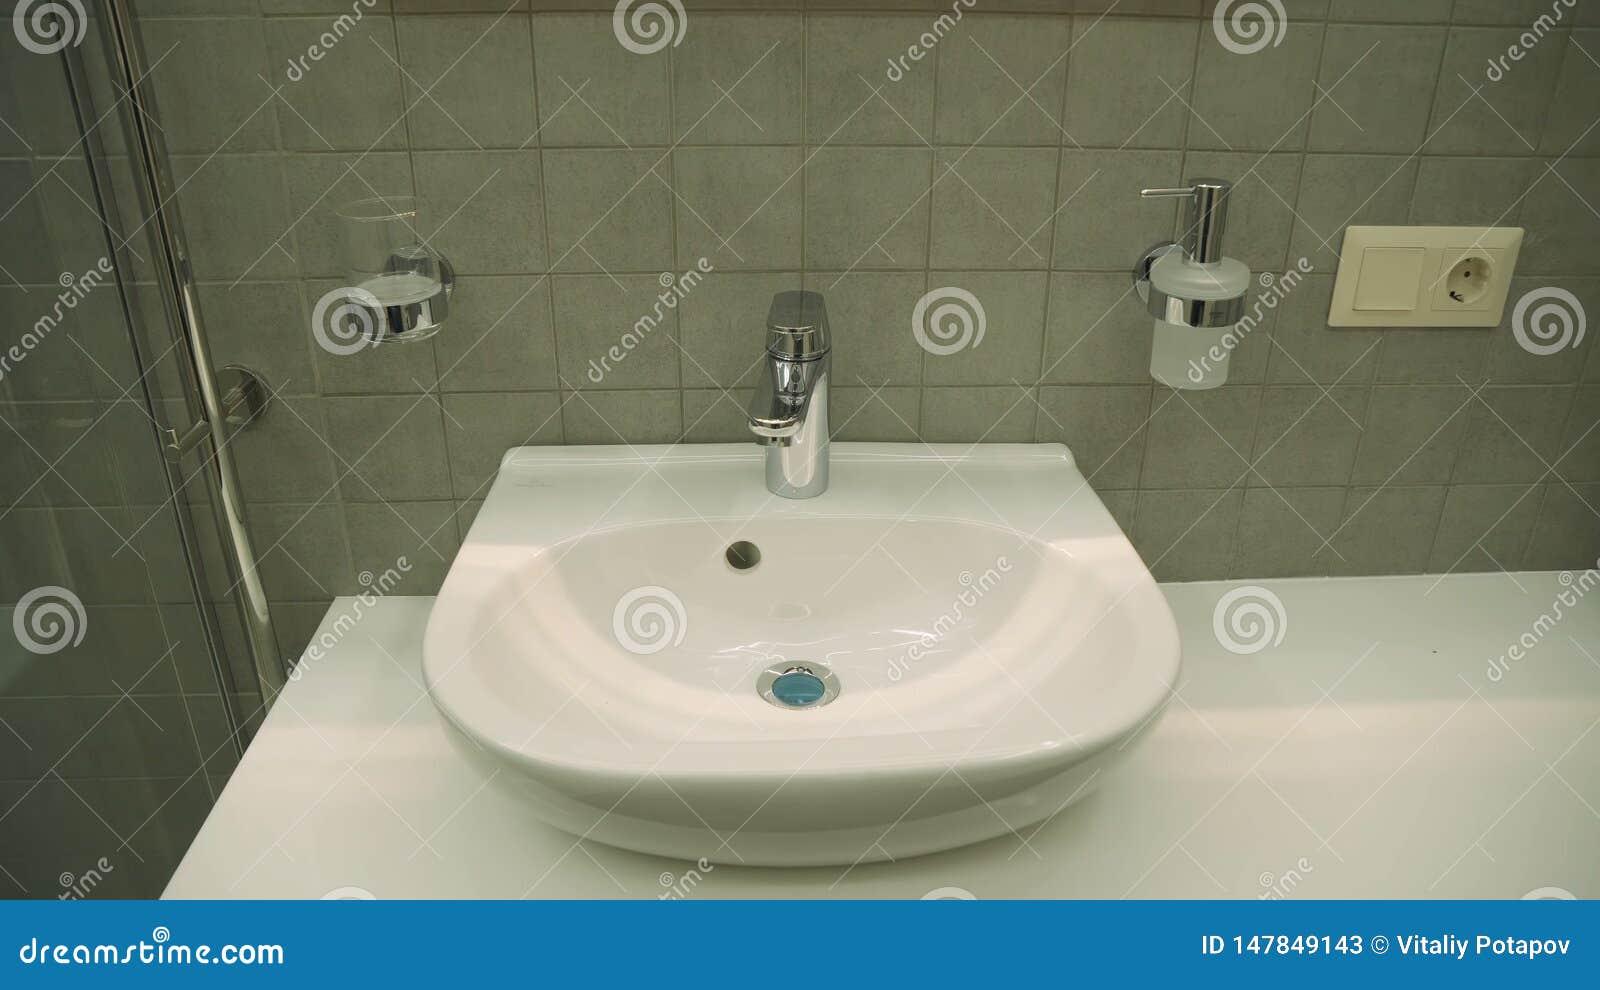 Keramisches Waschbecken mit hei?em und kaltem Hahn im Luxushotelbadezimmer